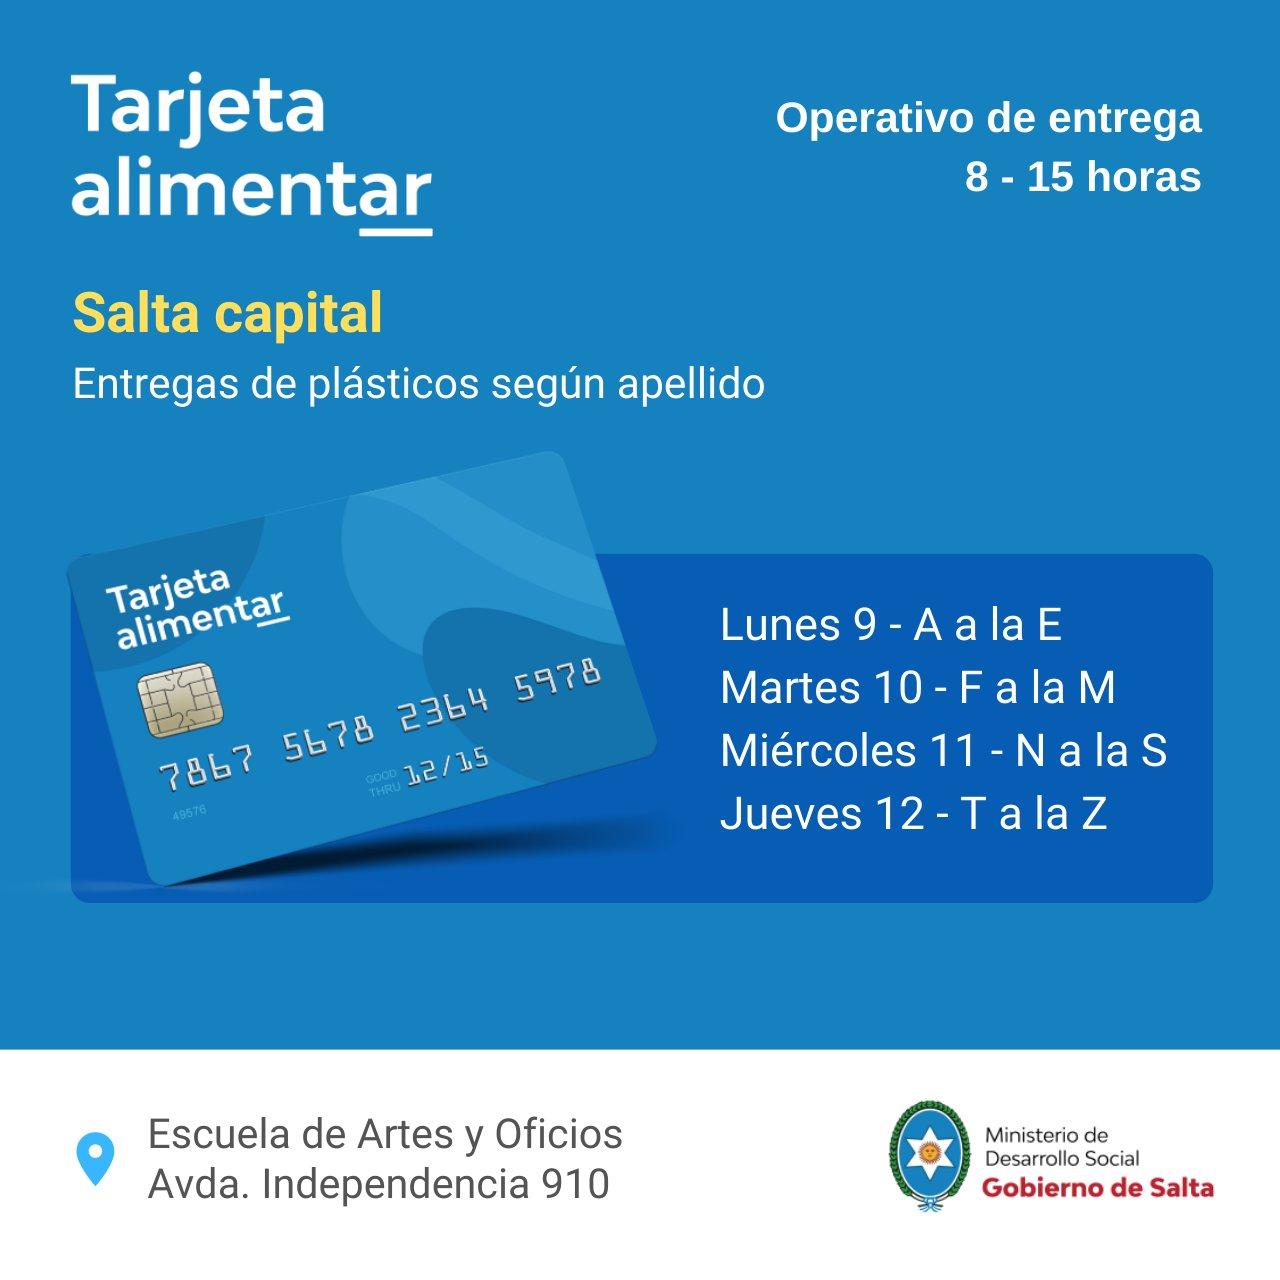 Habrá entrega de Tarjetas Alimentar en Salta Capital